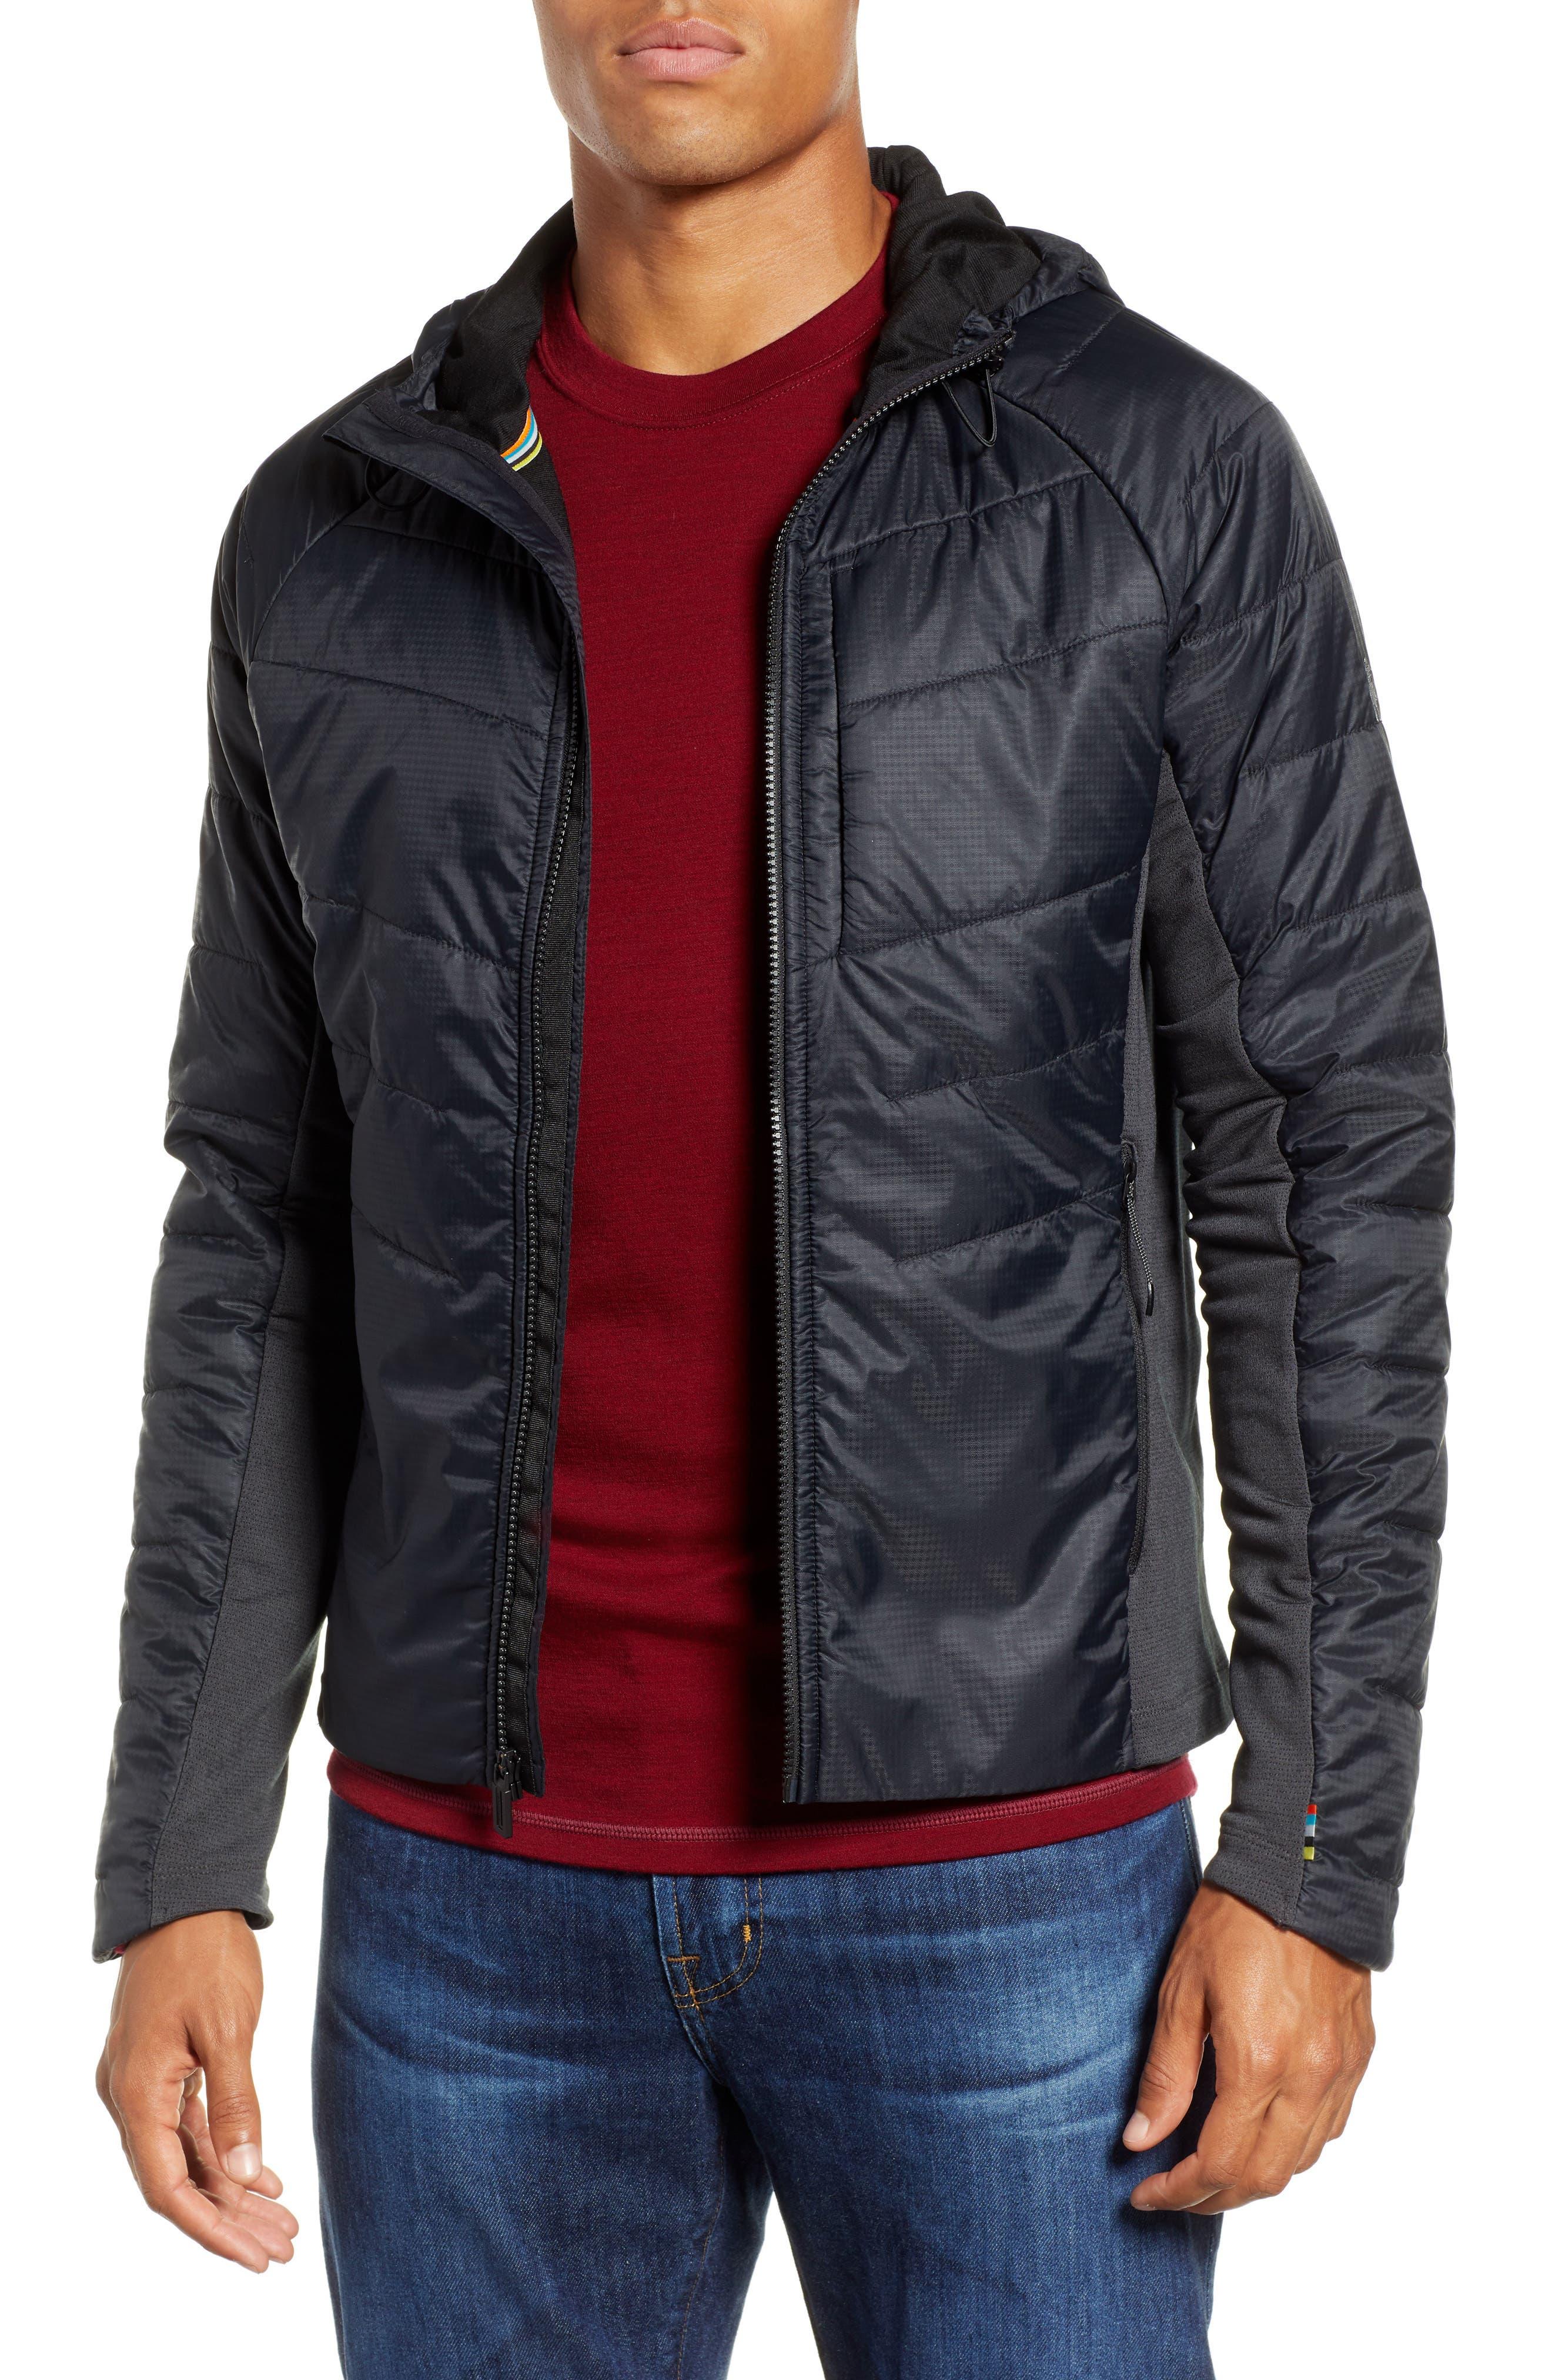 Smartloft 60 Hooded Jacket,                             Main thumbnail 1, color,                             BLACK